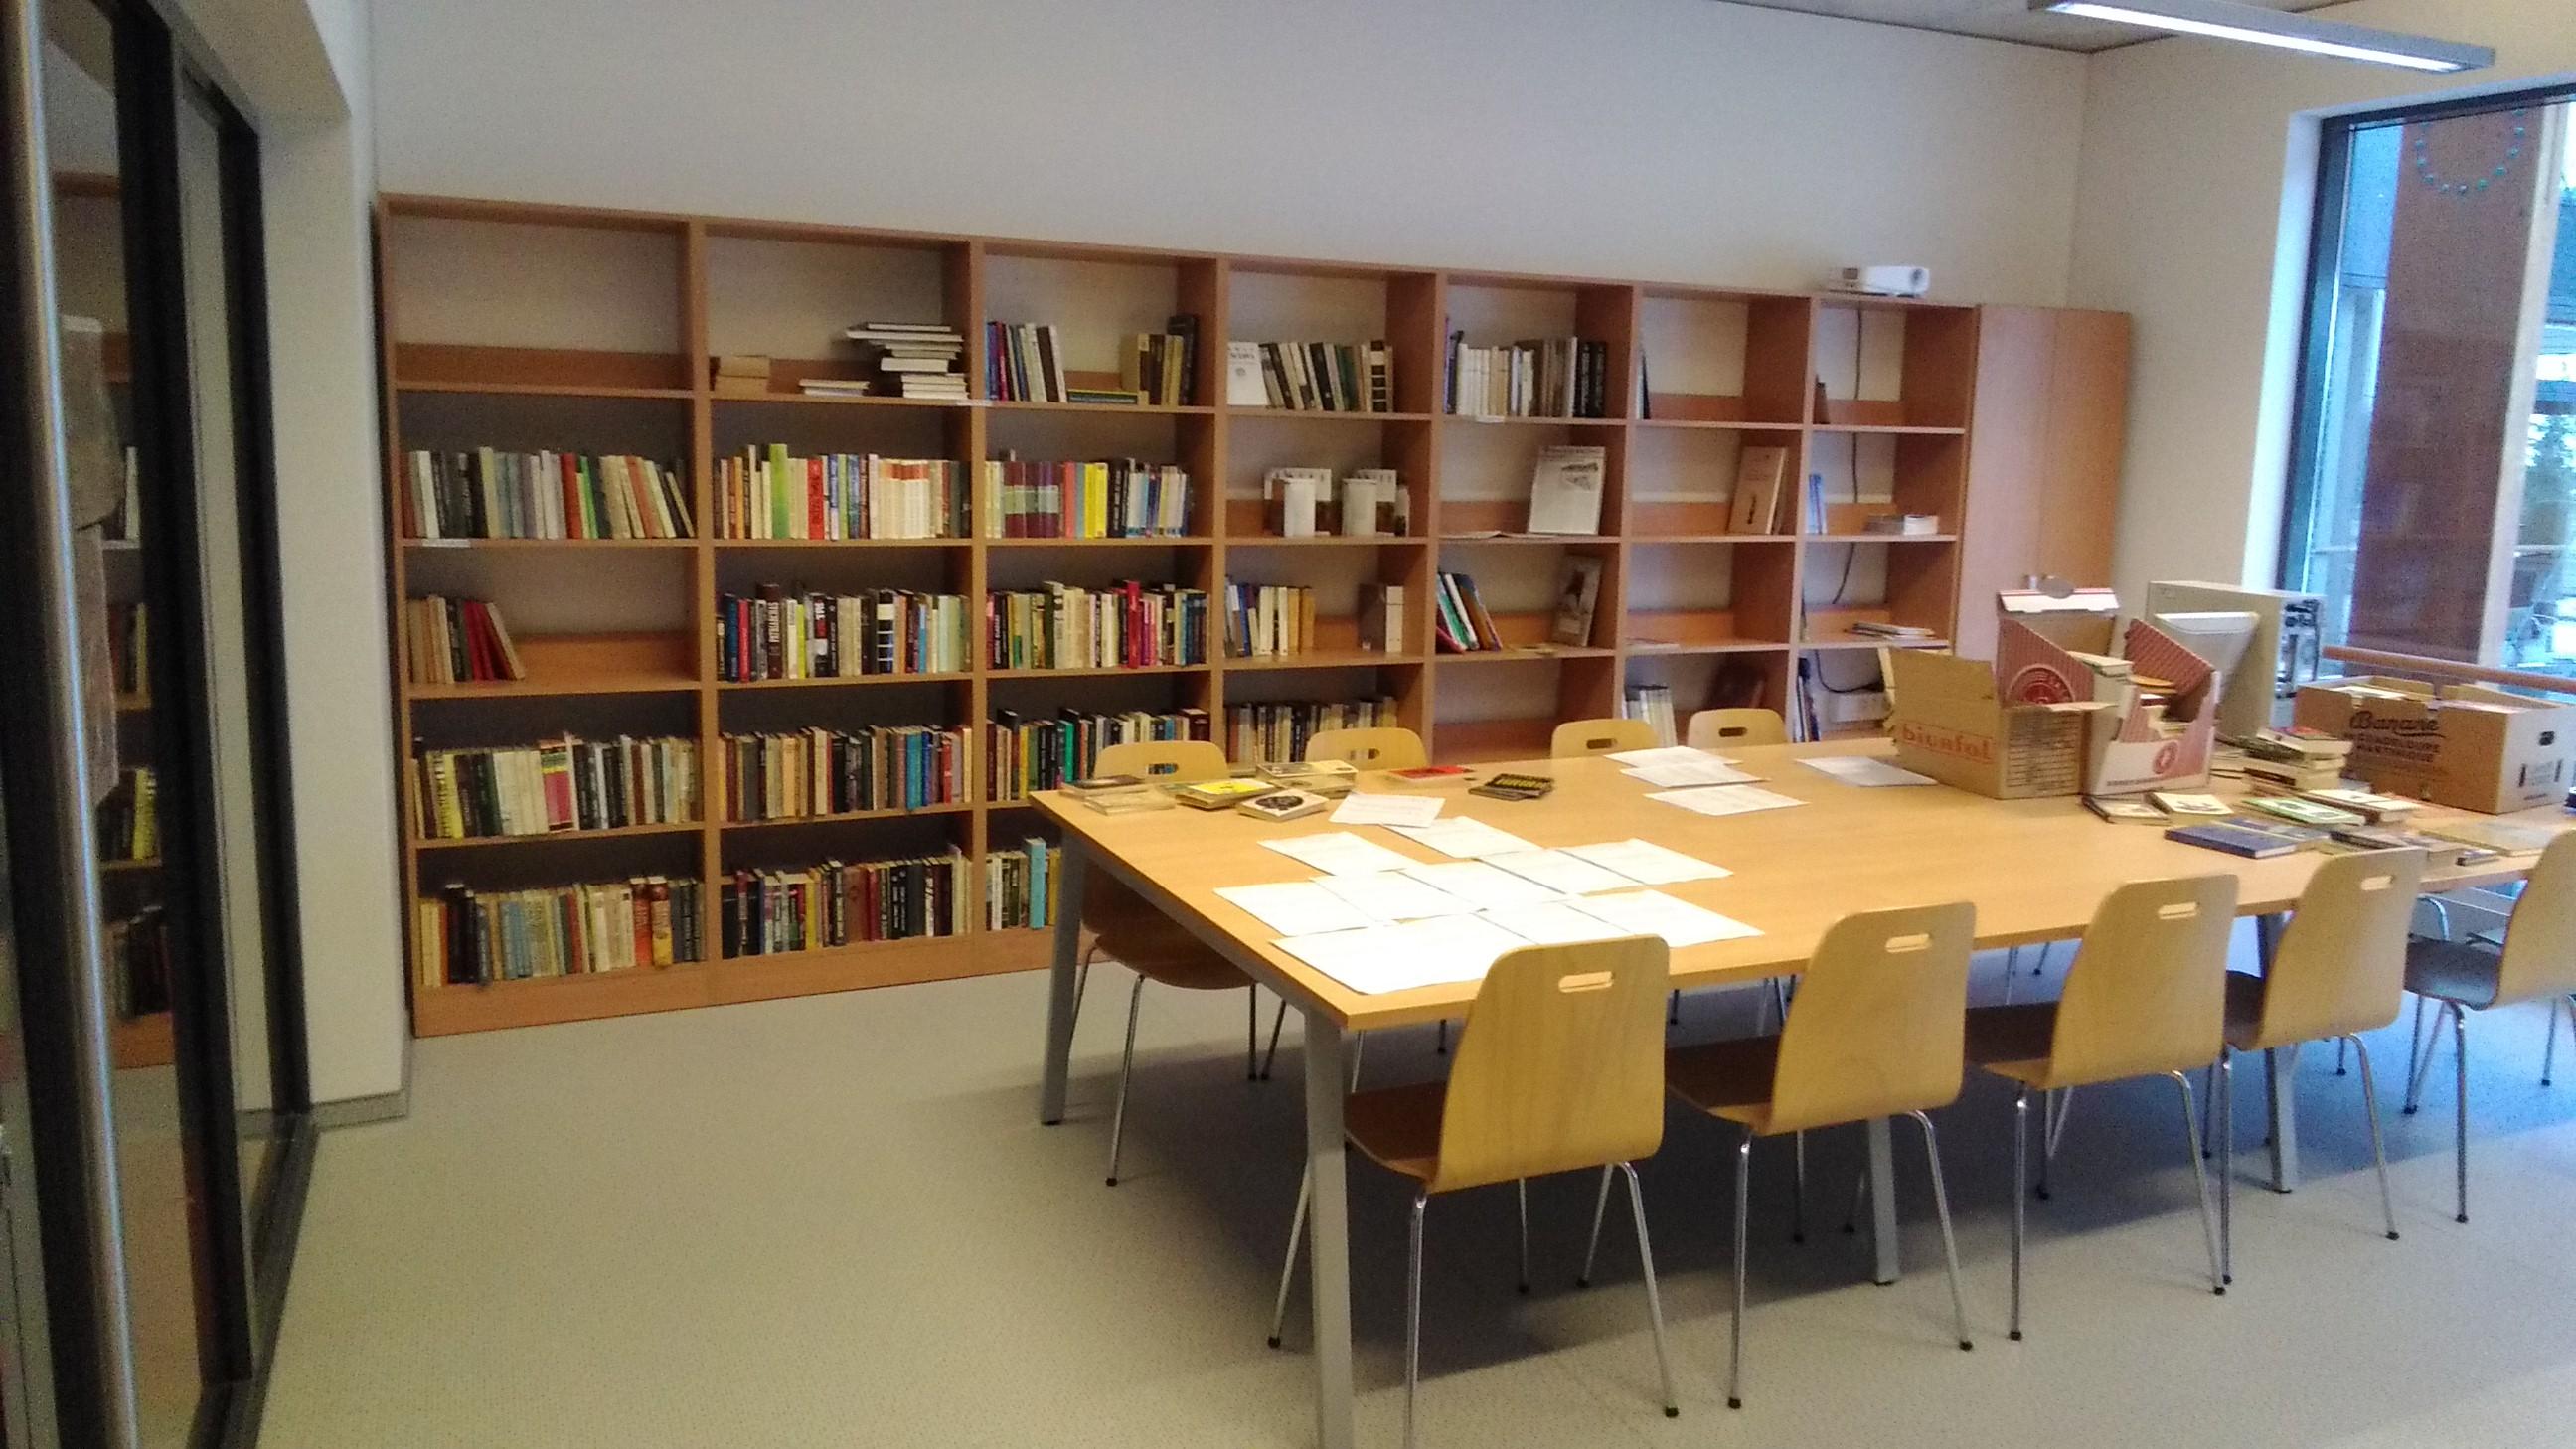 Nuo 2016 m. gruodžio mėn. pradėjo veiklą Balsių bendruomenės viešoji biblioteka